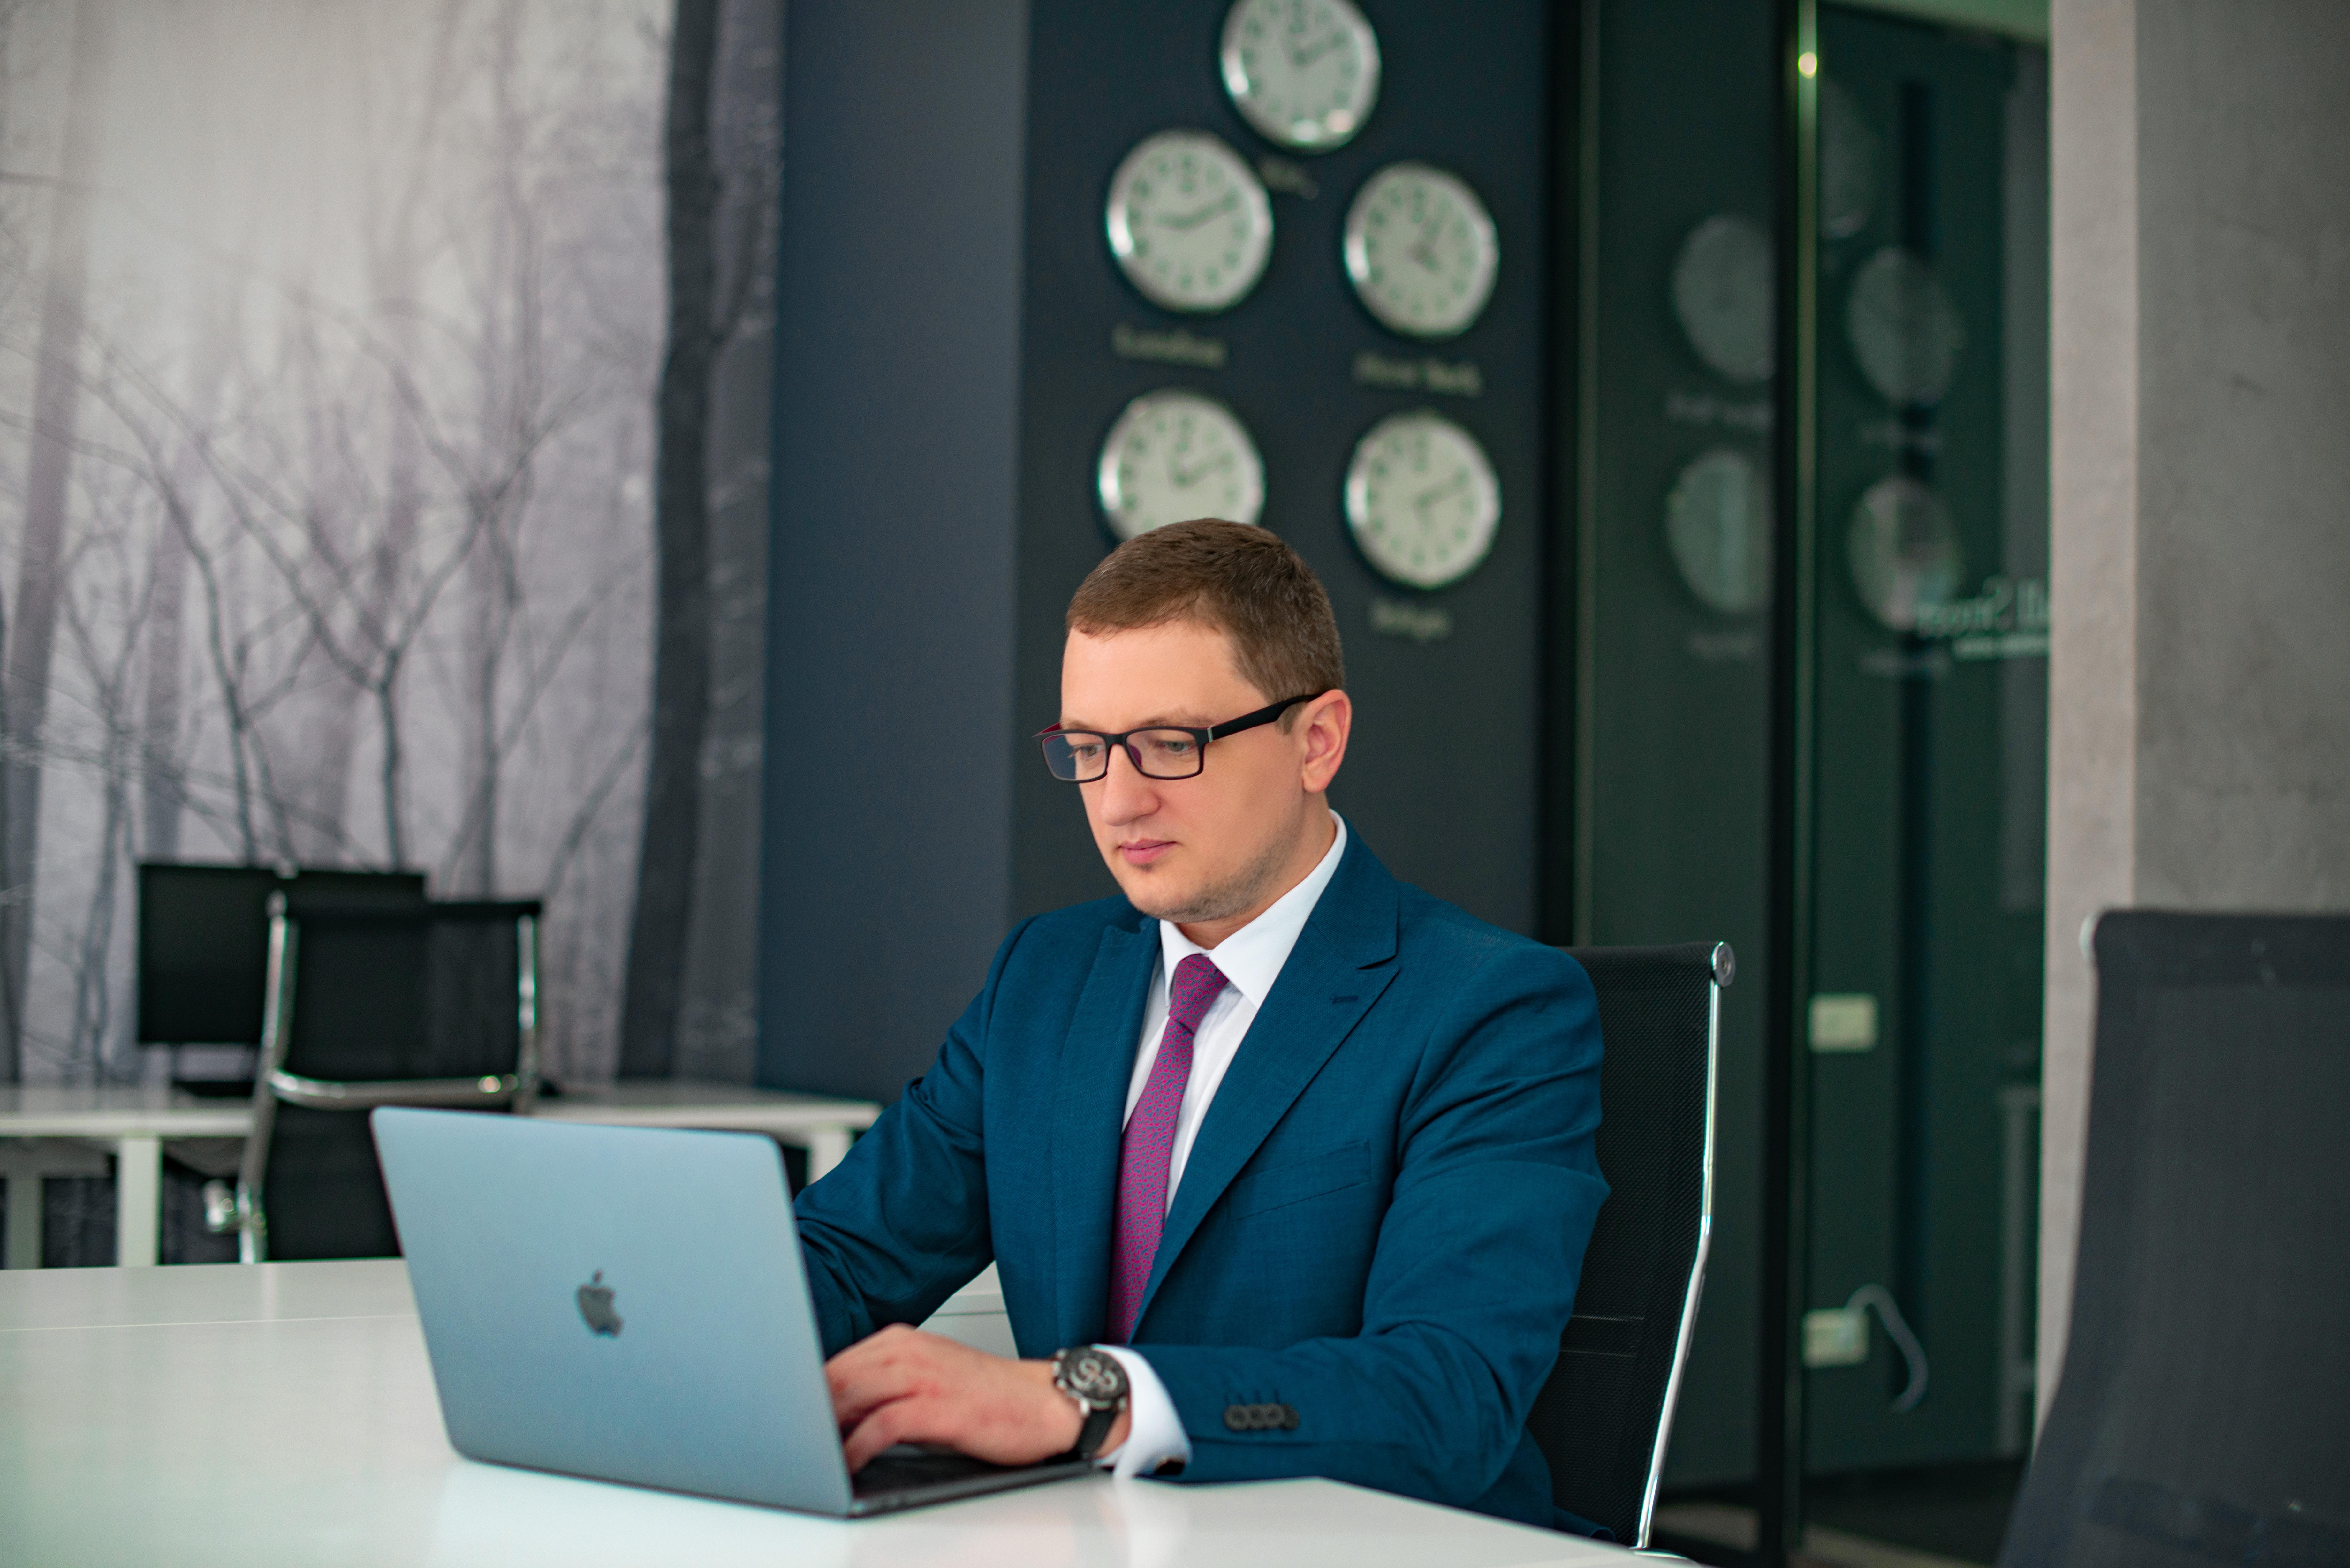 Оподаткування в Україні: чи комфортно бізнесу і звичайним громадянам - фото 2